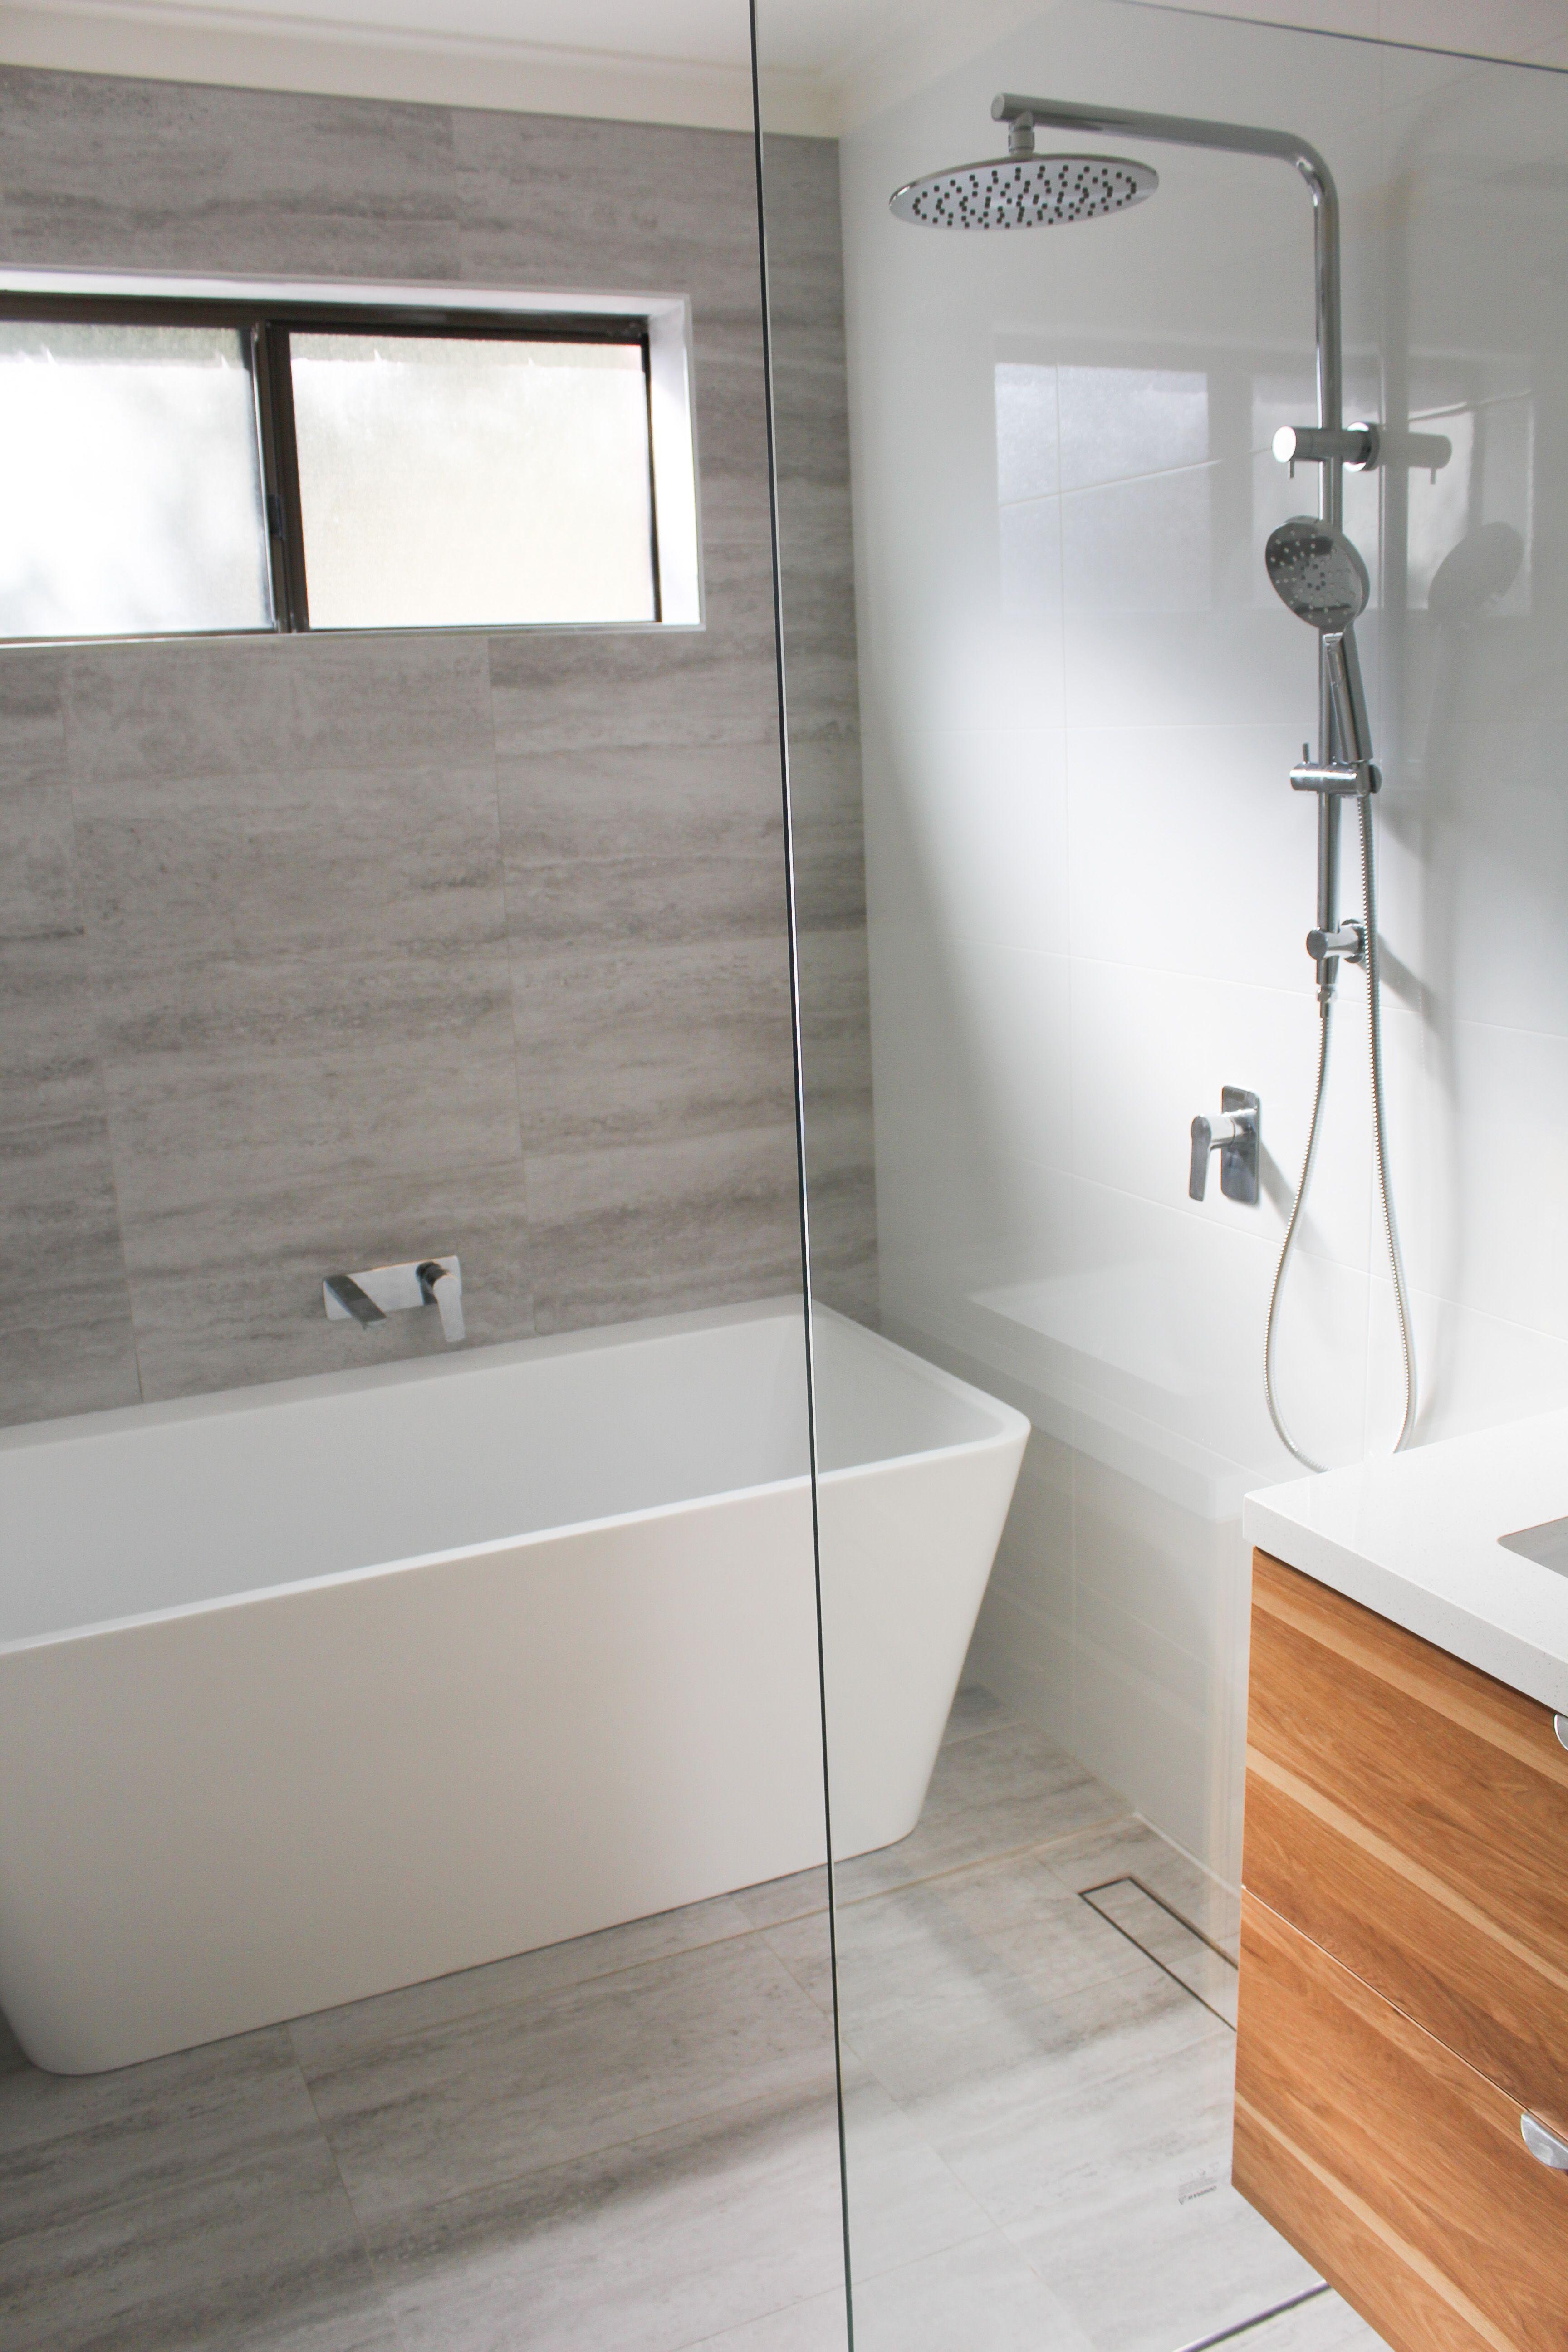 freestanding vanity against wall